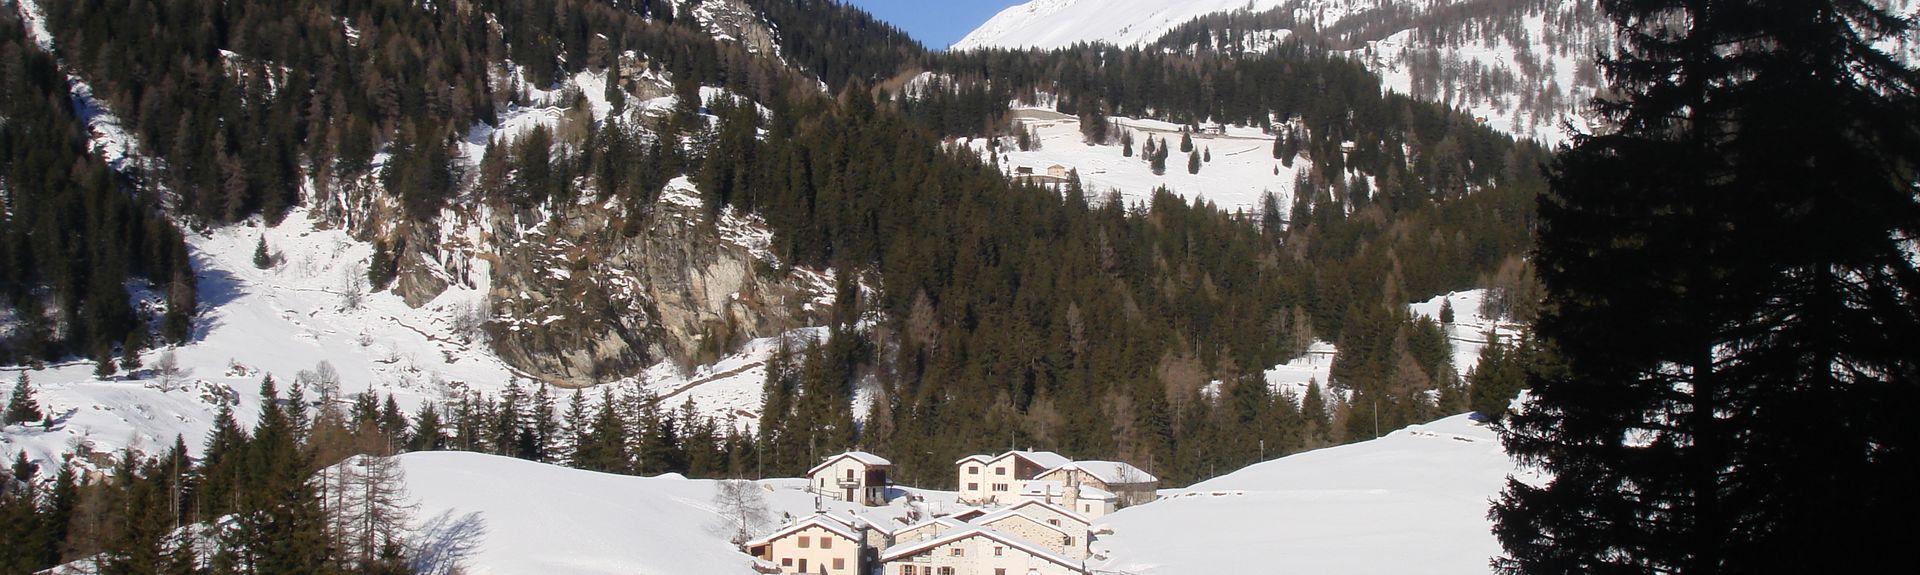 Campocologno Station, Brusio, Graubuenden, Lombardy, Switzerland